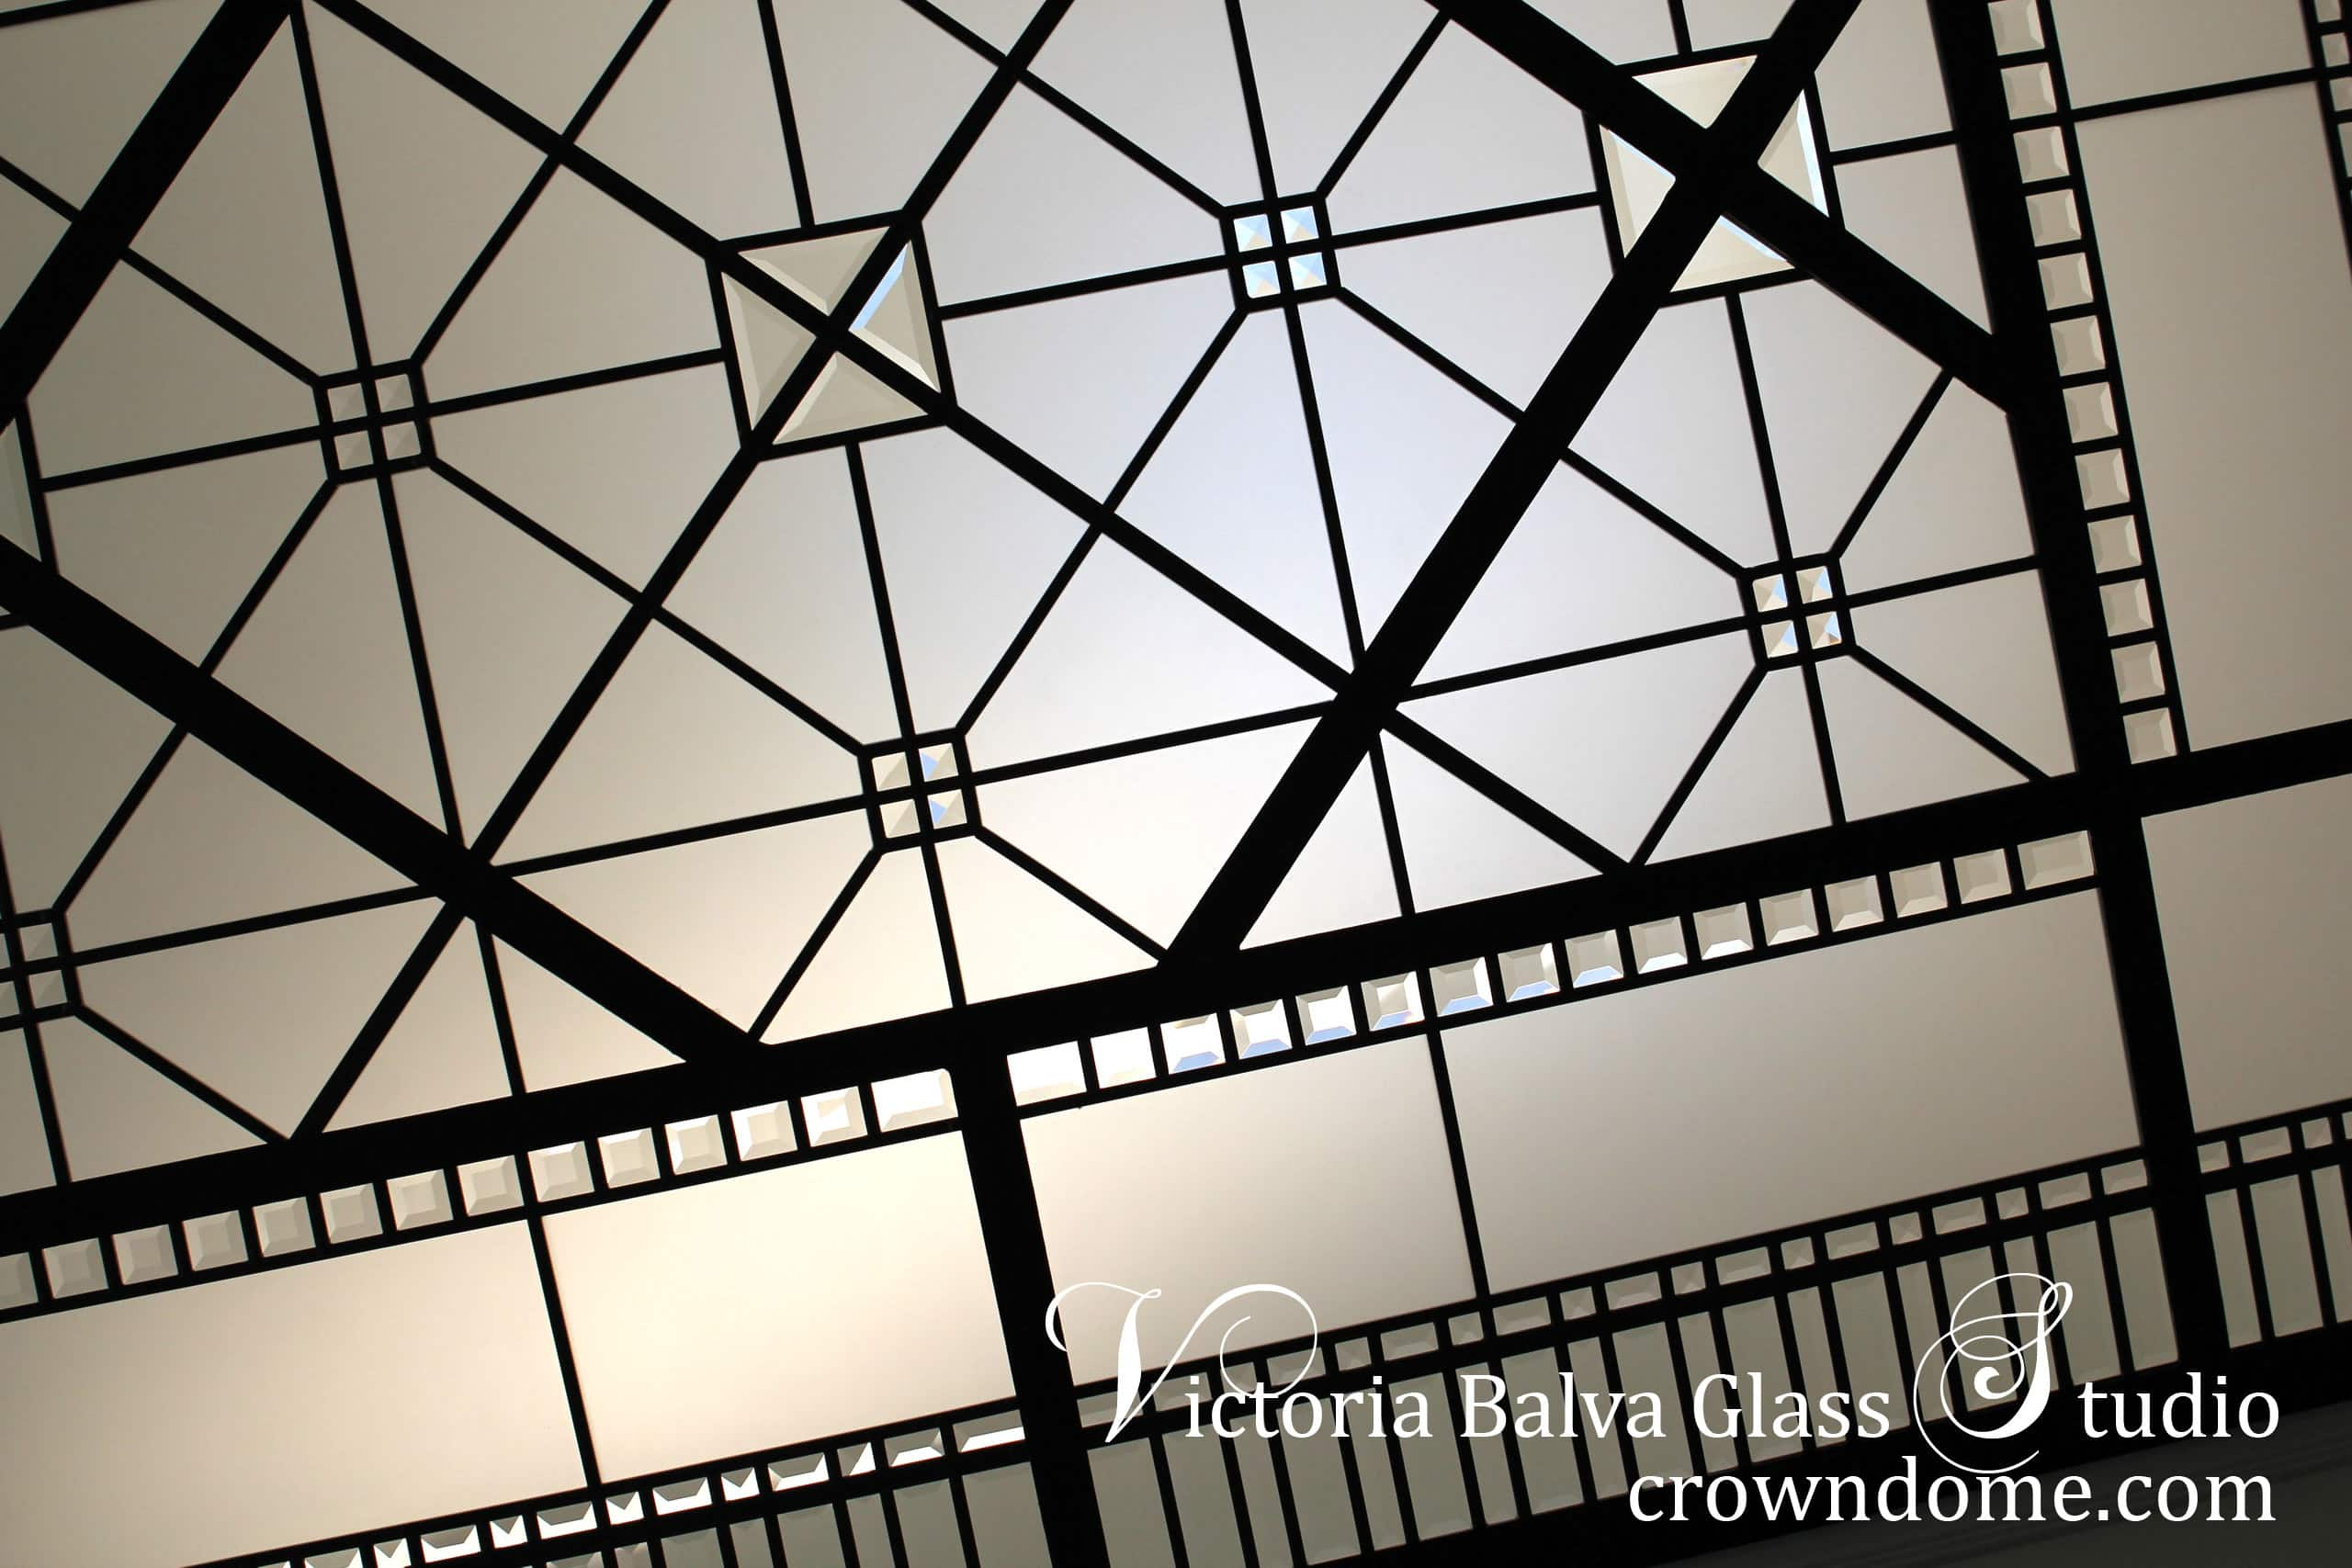 Simple geometrical leaded glass skylight ceiling for a bathroom of a luxury custom-built residence in Toronto. Leaded glass skylight design inspired bythe historical leaded glass skylights of Great BritainCastles.Clear textured glass, beveled glass, simple geometrical design. Leaded glass skylight design by stained glass artist Victoria Balva